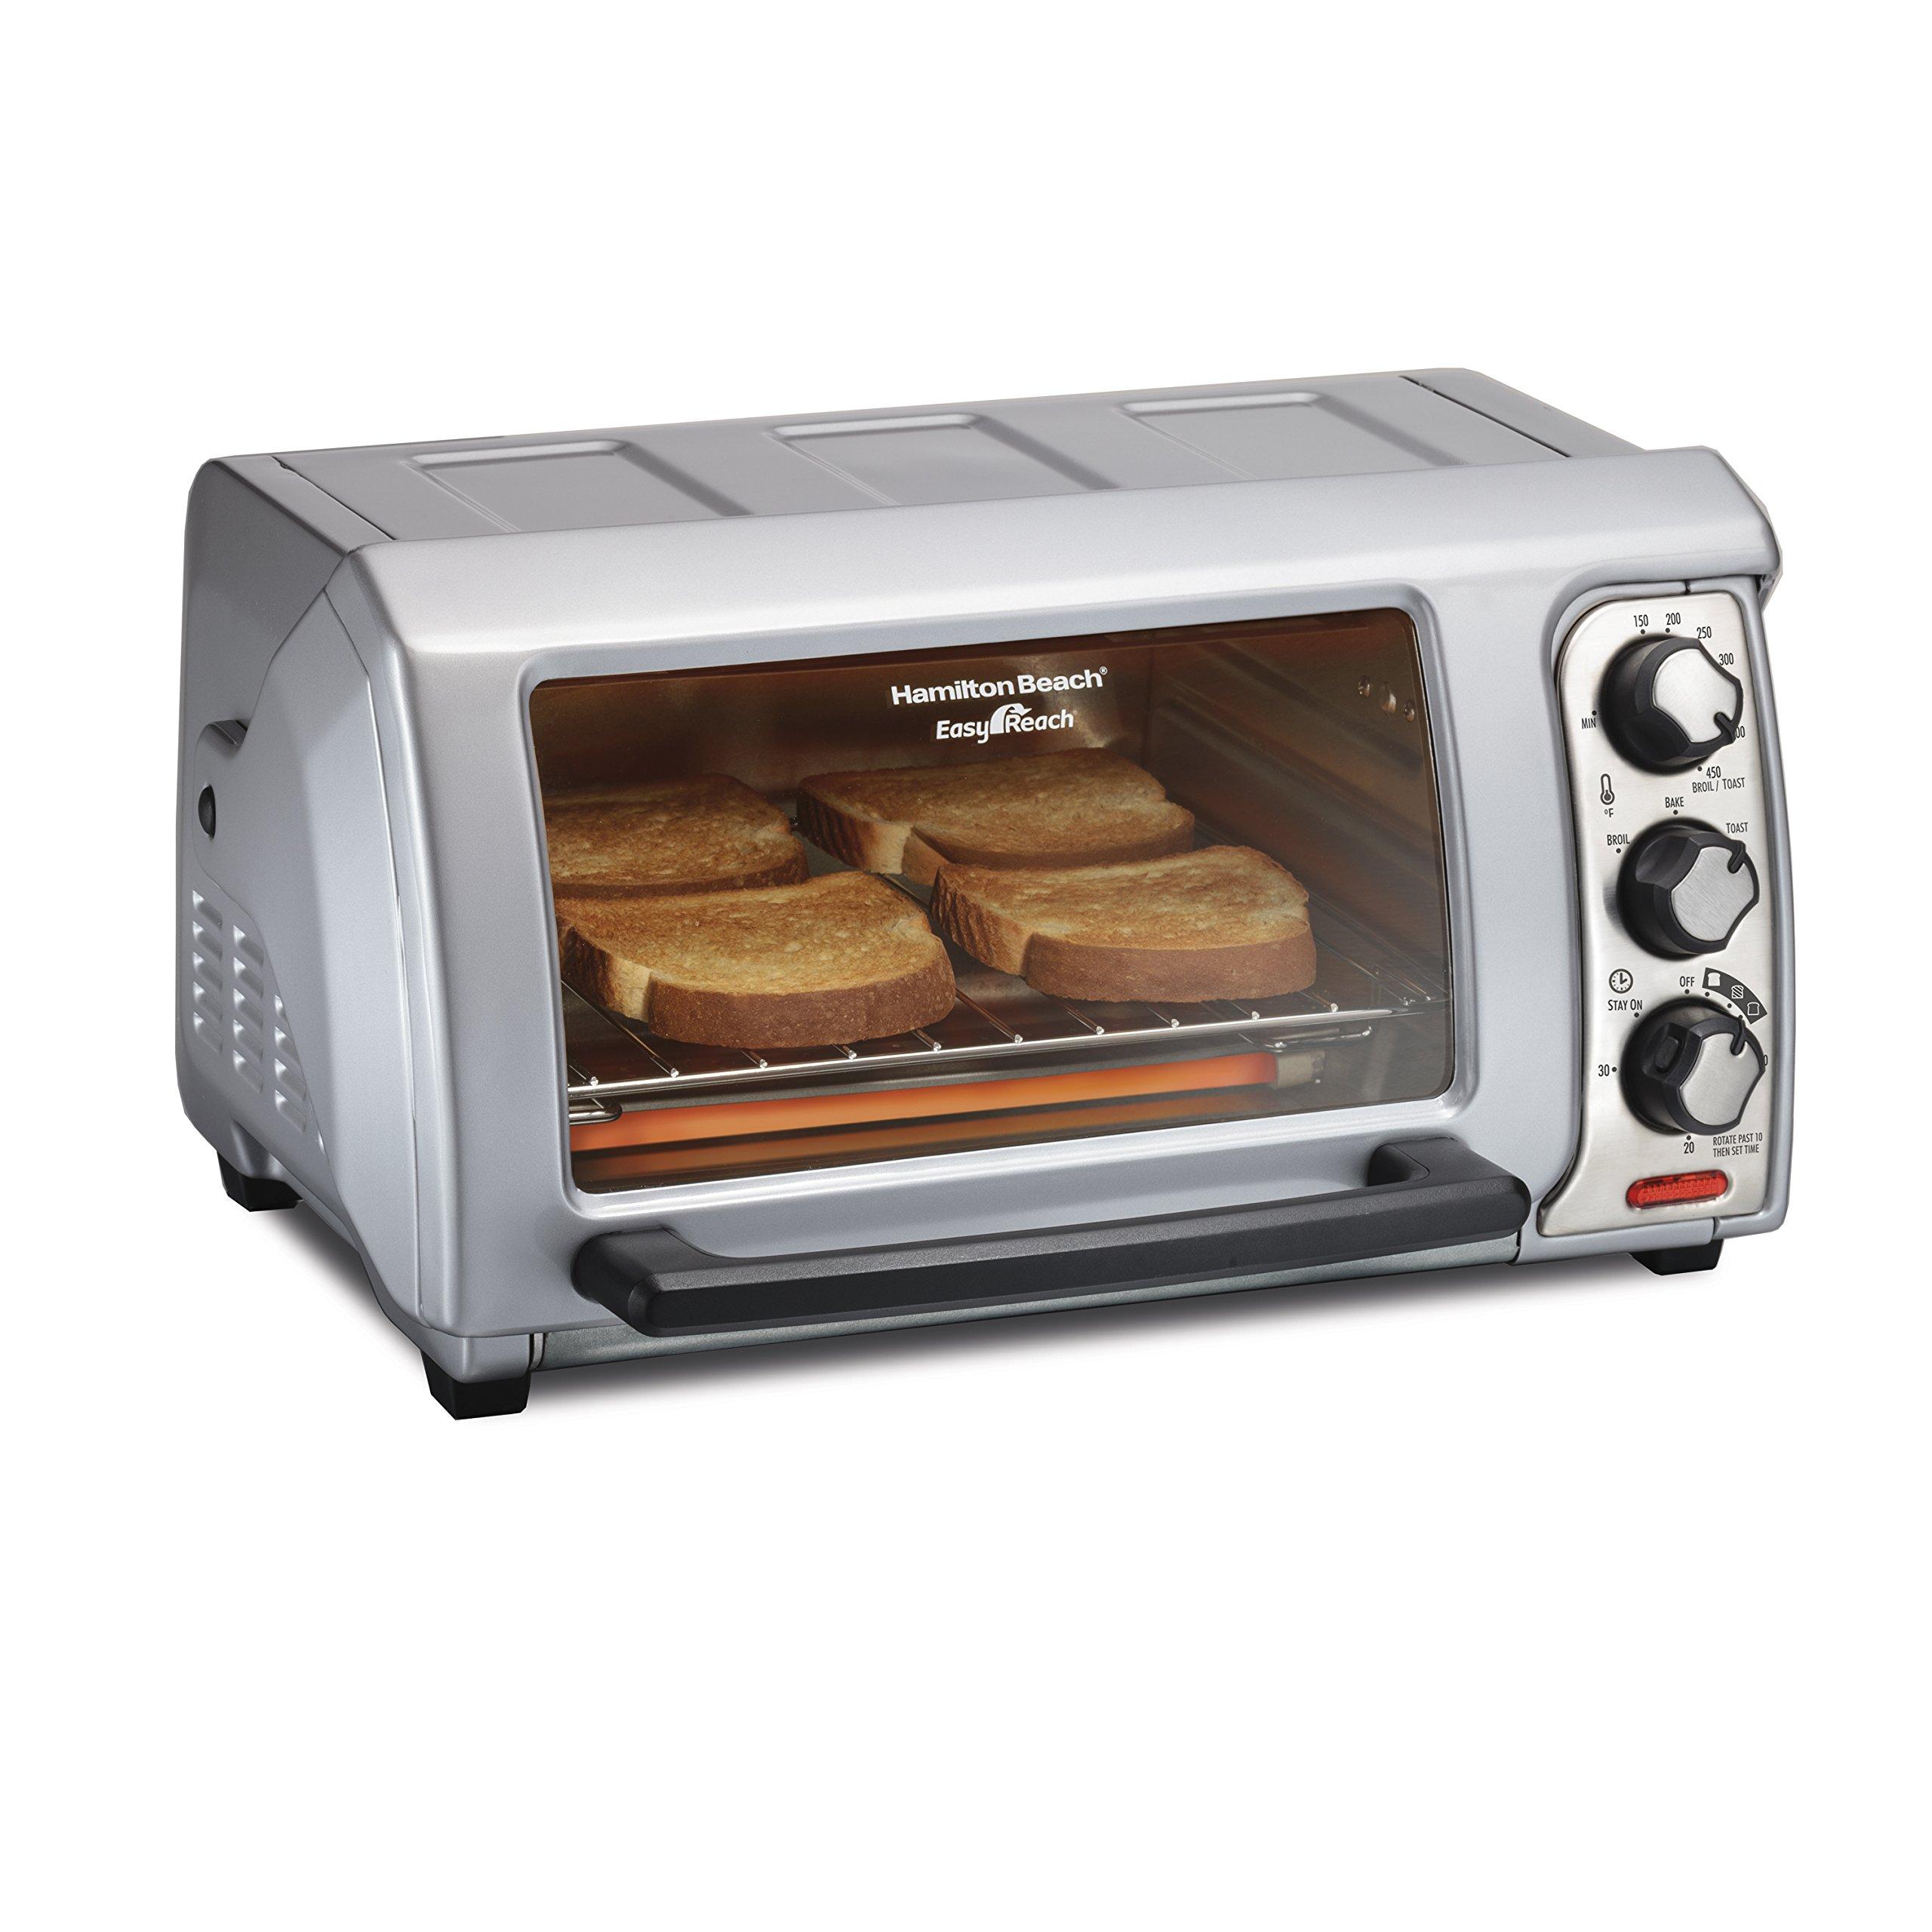 Hamilton Beach 31339 Easy Reach Toaster Oven with Roll-Top Door by Hamilton Beach